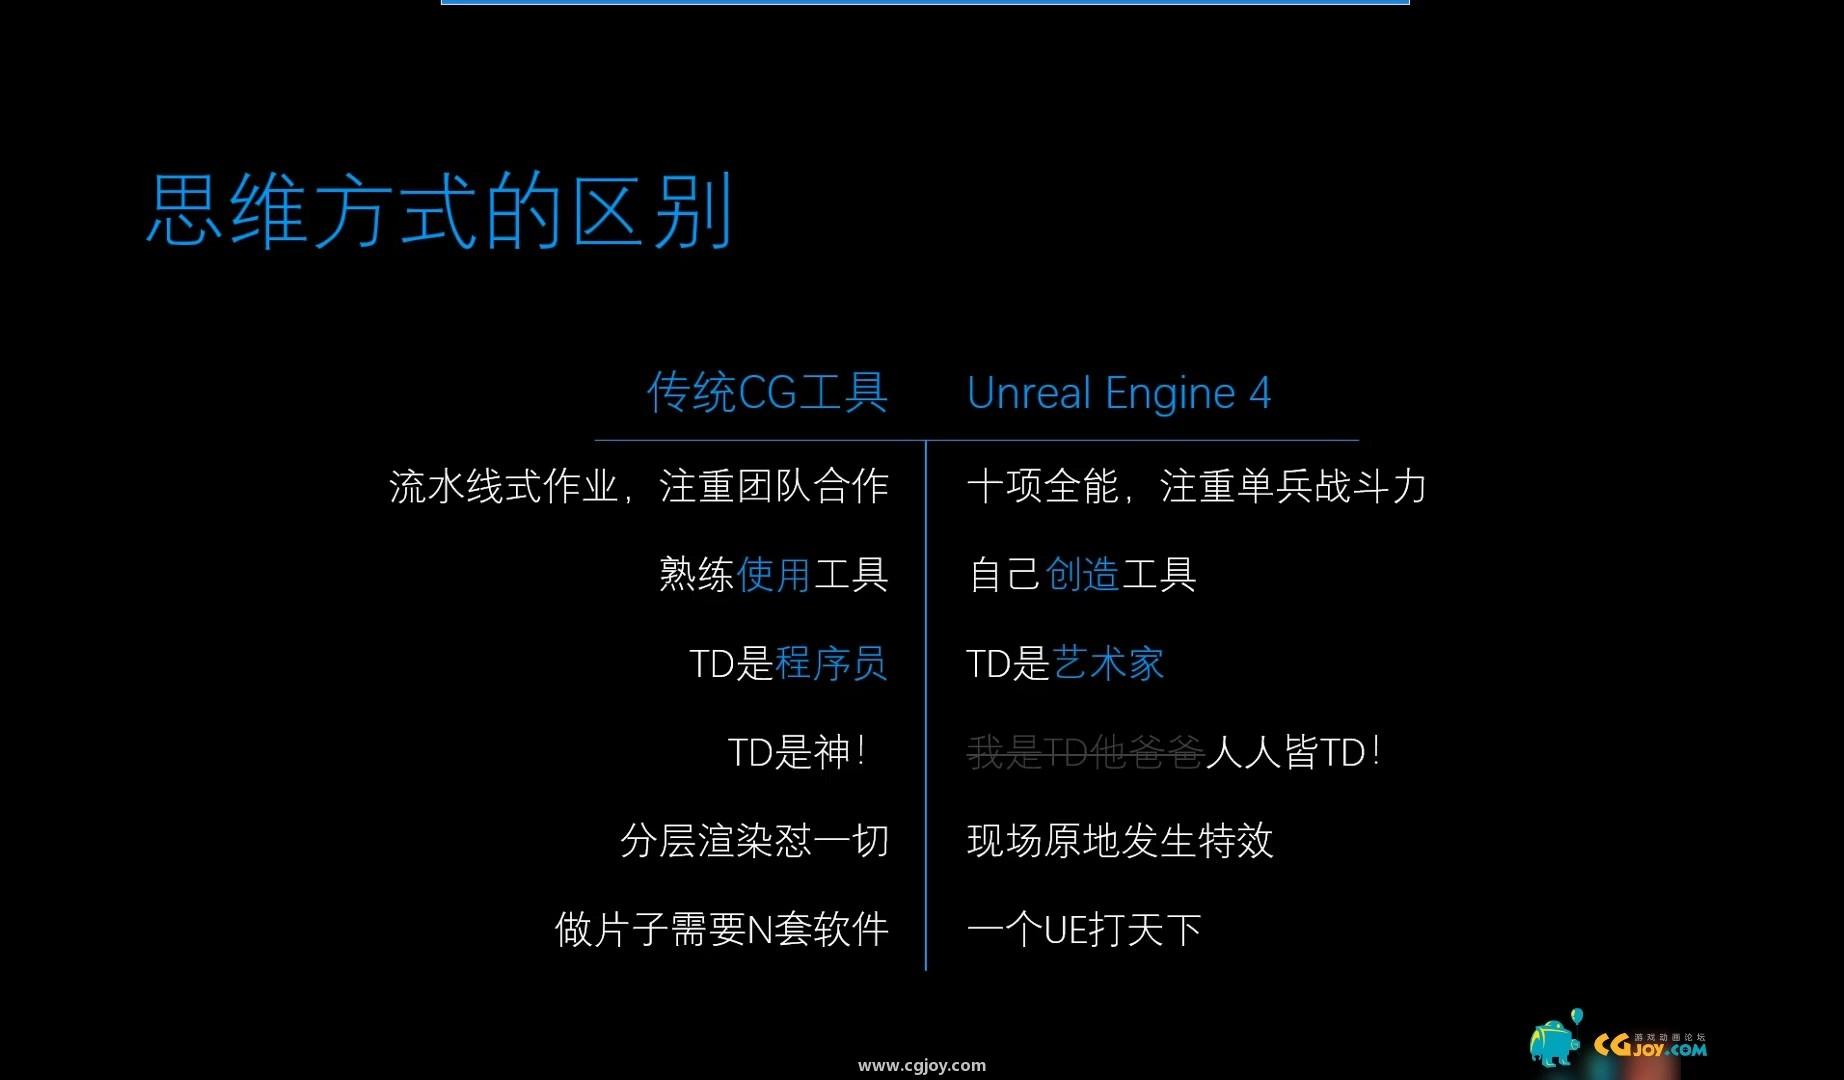 《虚幻引擎CG制作技术》——虚幻引擎的优势及界面介绍.mp4_20200102_231222.202.jpg